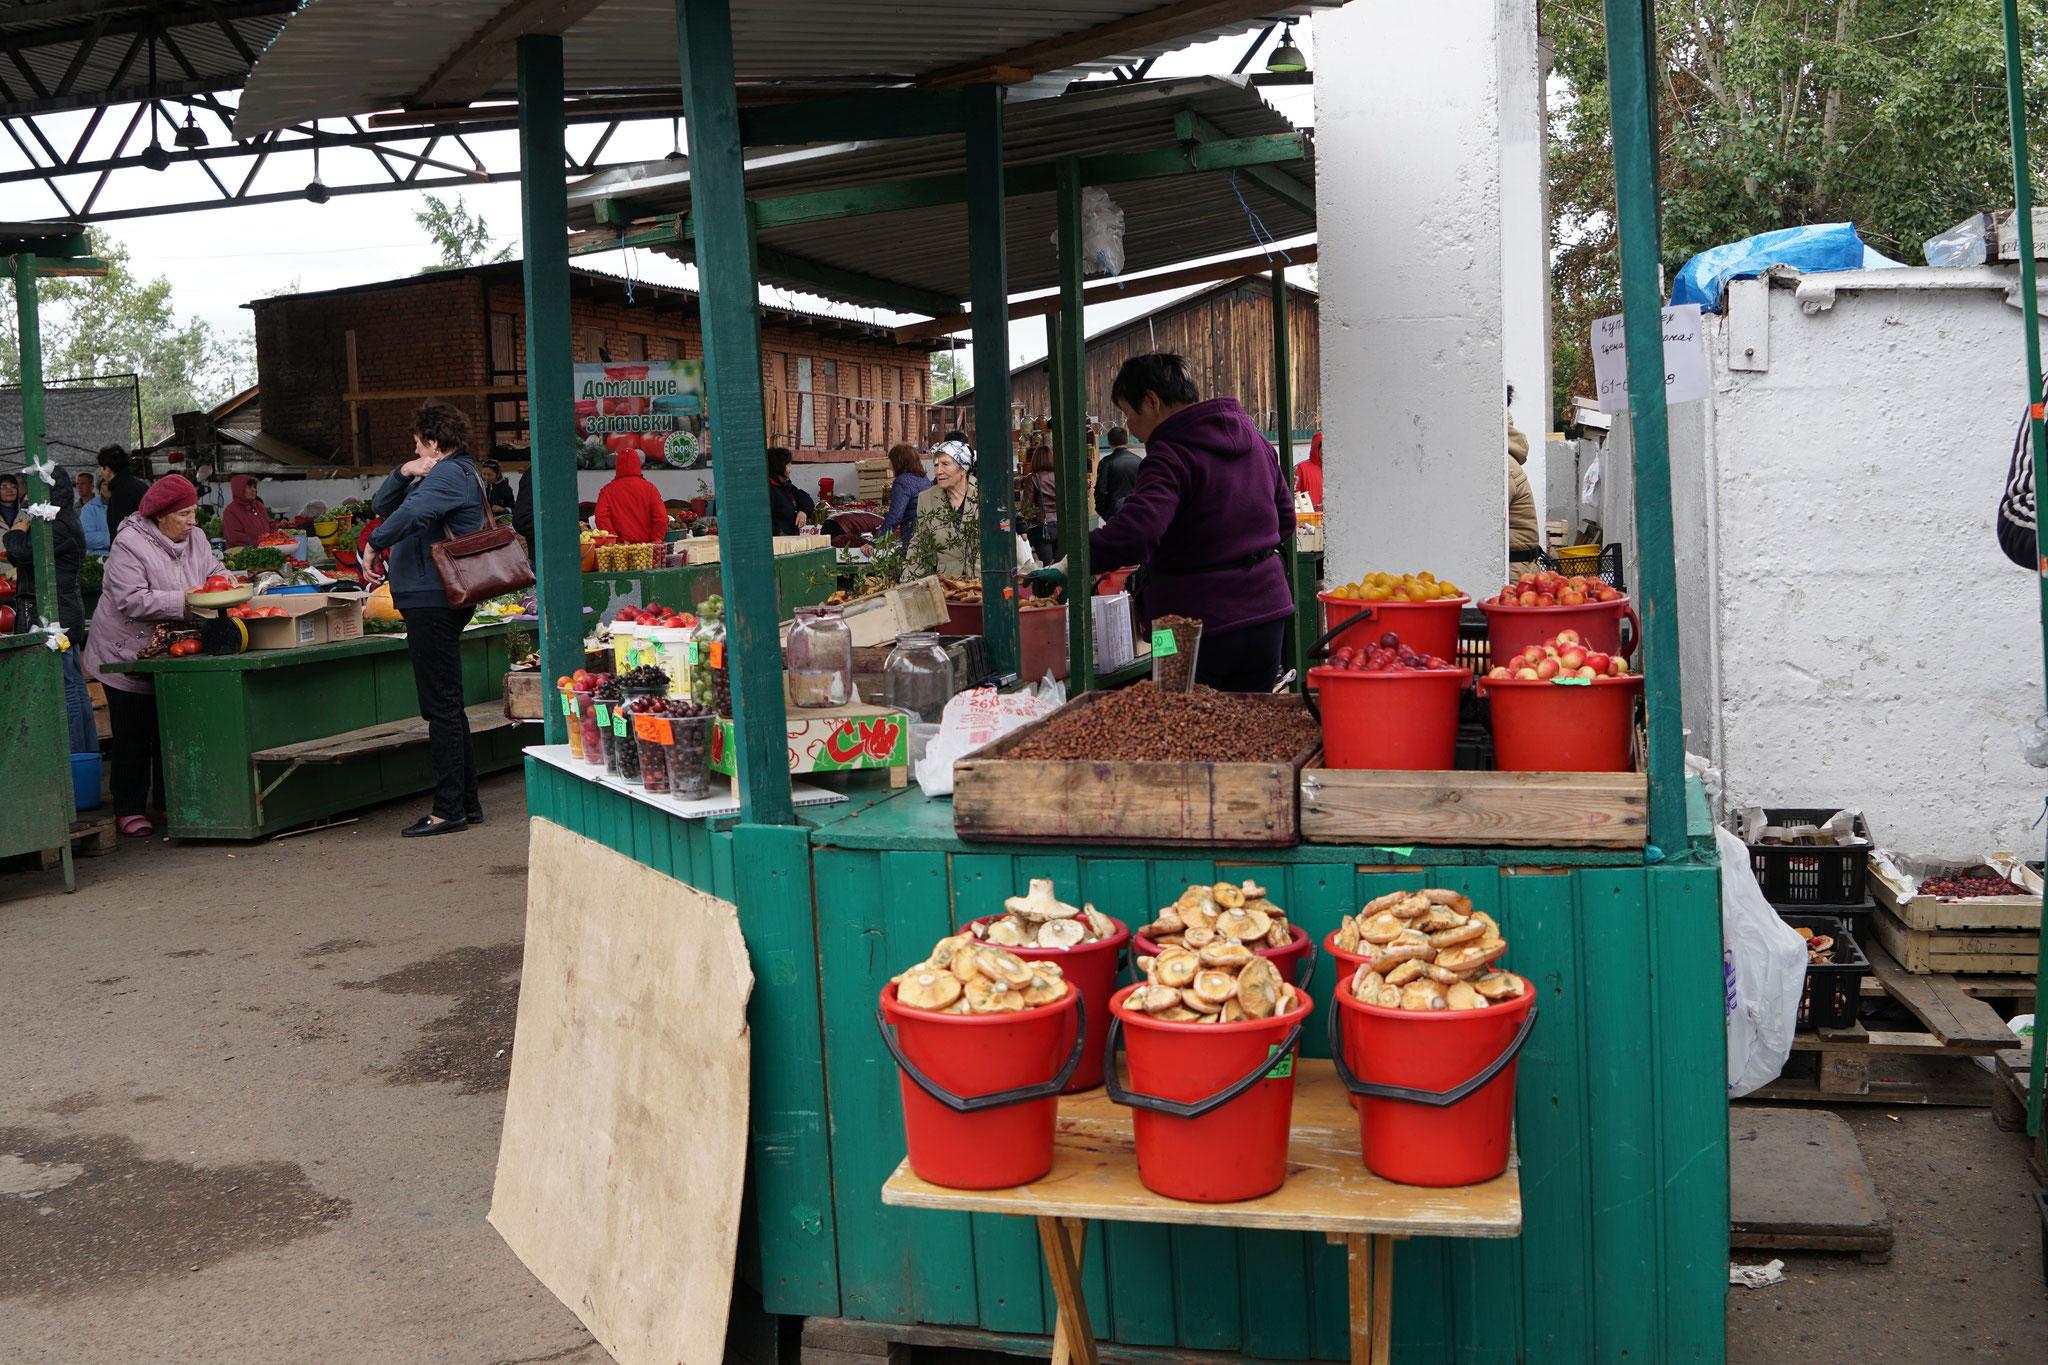 Frische Pilze wurden überall angeboten...